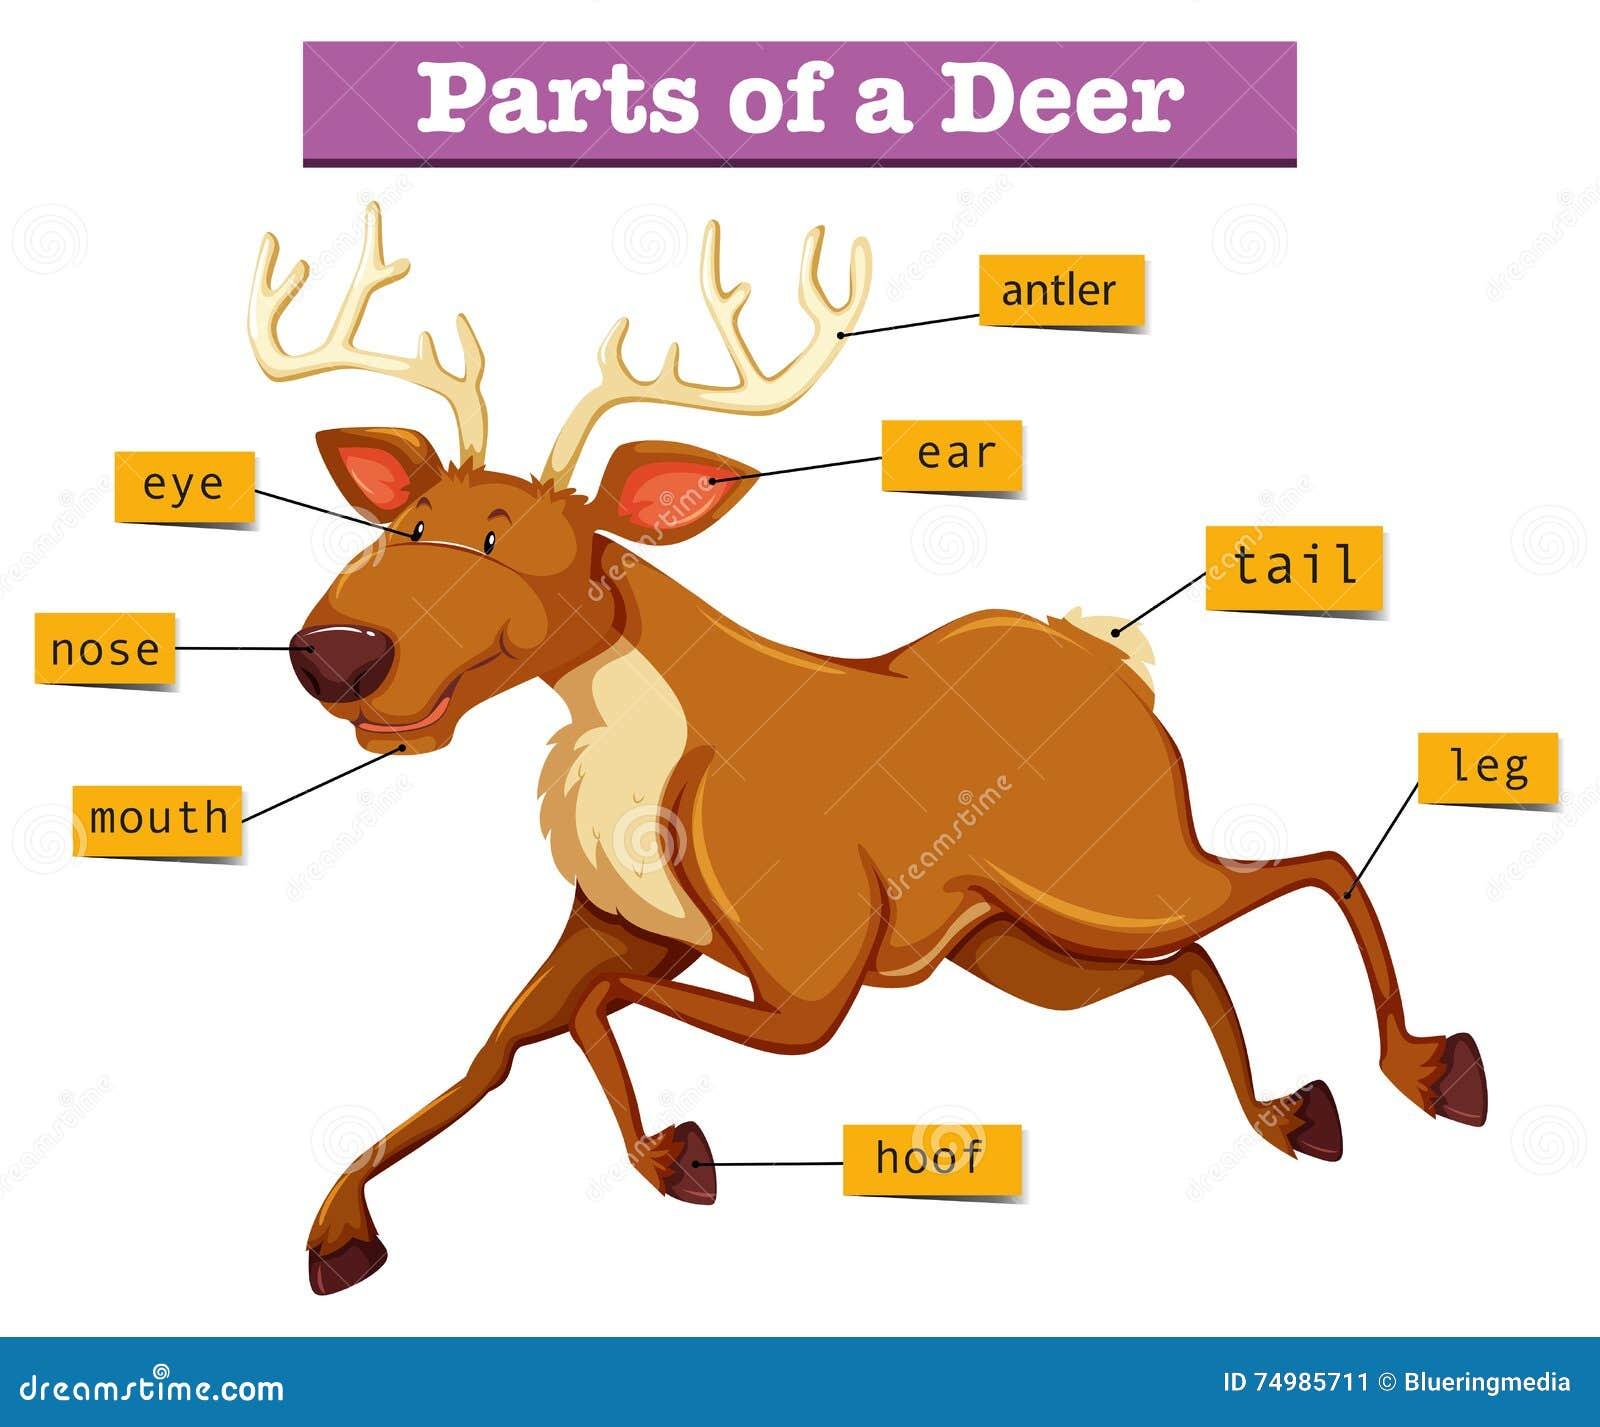 diagram showing parts deer illustration 74985711 diagram showing parts of deer stock vector illustration of